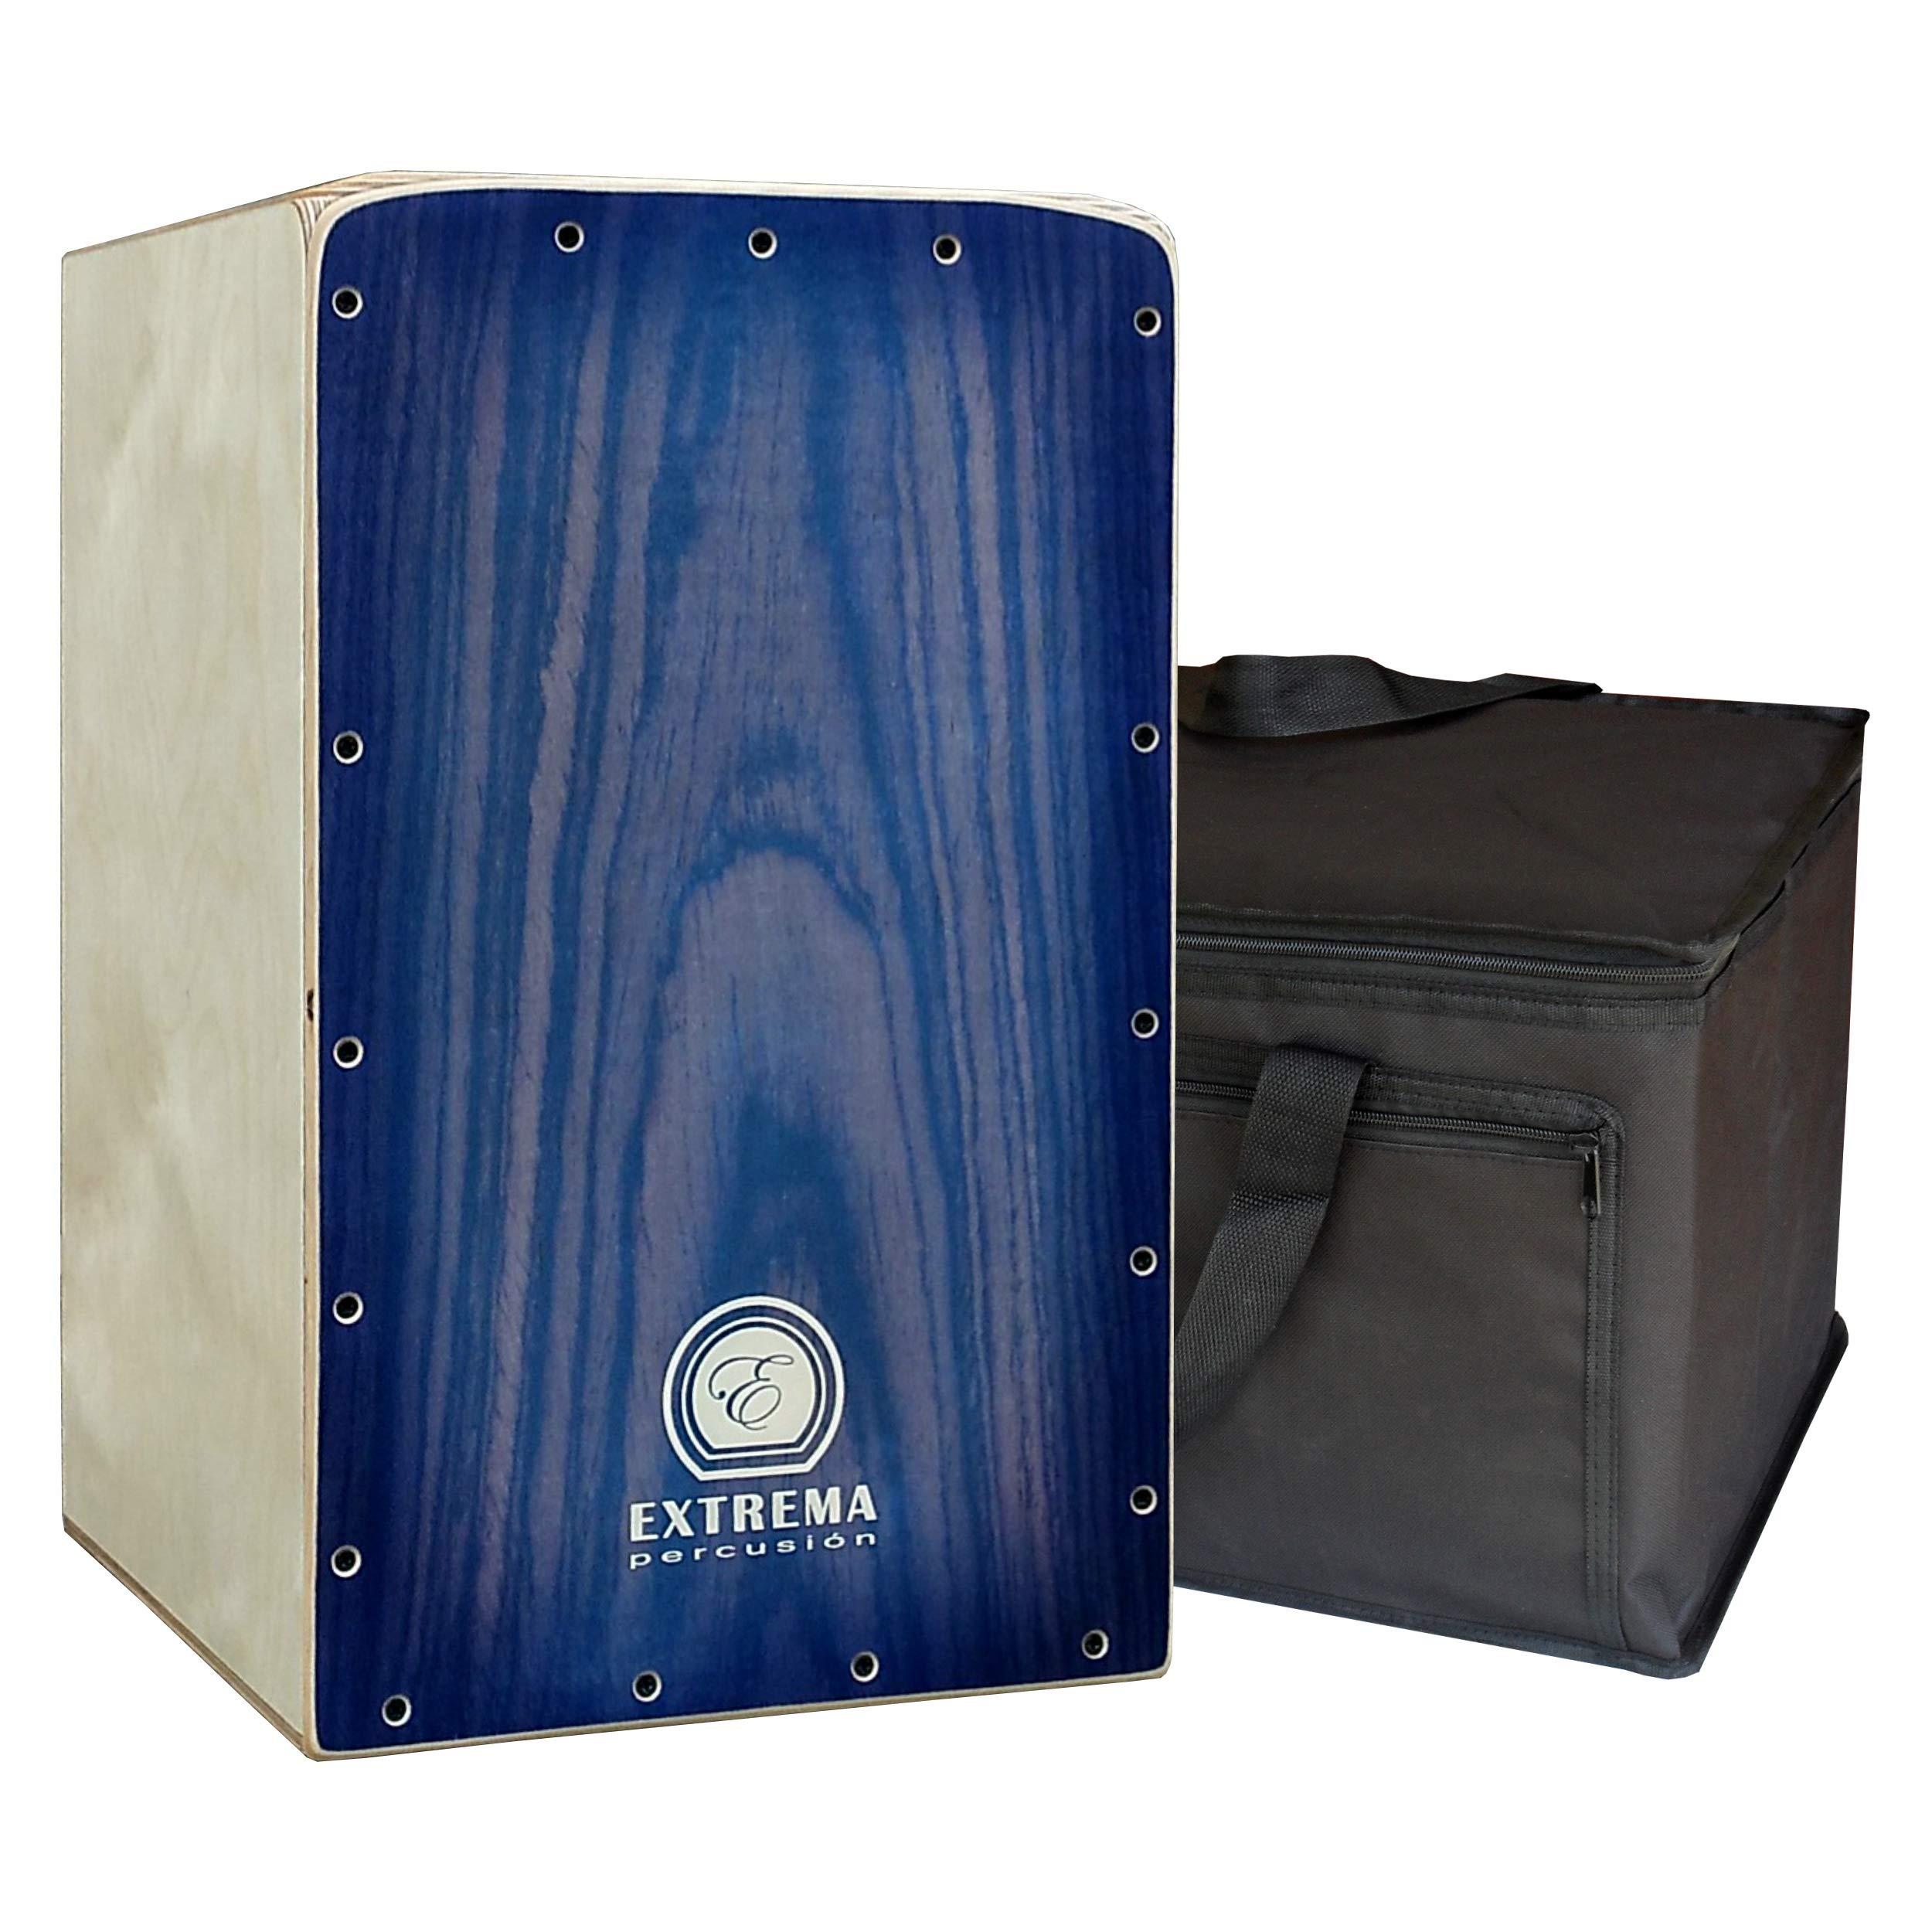 Extrema Percusión - Cajón Flamenco Profesional modelo Intact Decor Azul con Funda Acolchada de Regalo: Amazon.es: Instrumentos musicales